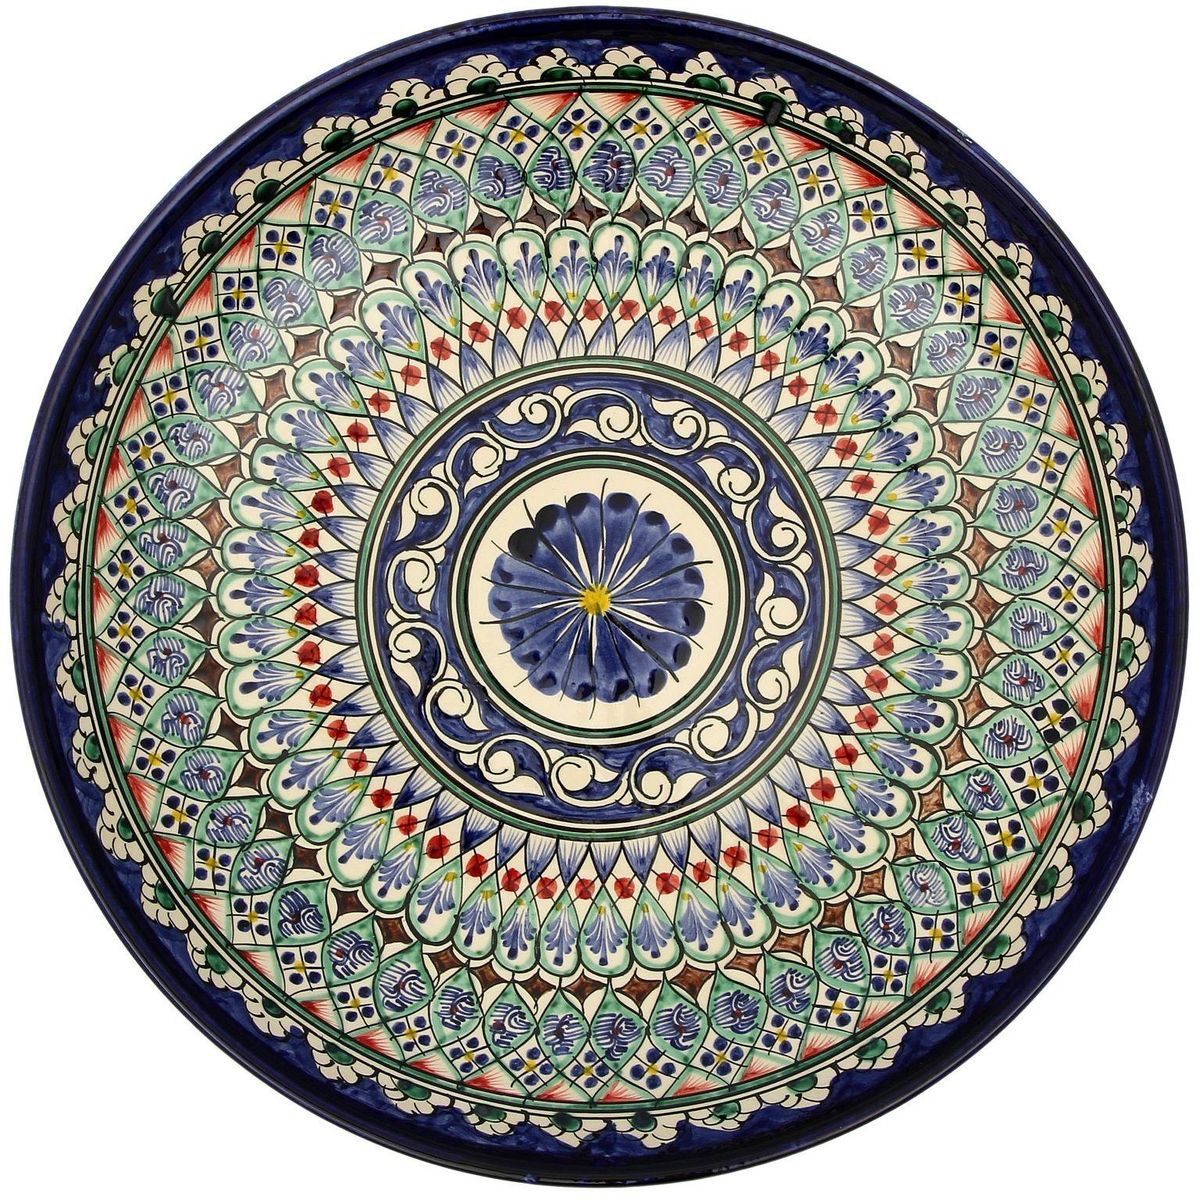 Ляган Риштанская керамика, диаметр, 32 см. 21387002138700Ляган — это не просто обеденный атрибут, это украшение стола. Посуда с национальной росписью станет отменным подарком для ценителей высокородной посуды.Риштан — город на востоке Узбекистана, один из древнейших в Ферганской долине. С давних времён Риштан славится своим гончарным искусством изготовления цветной керамики. Красноватую глину для изделия добывают в самом городе. Мастера утверждают, что их глина настолько высокого качества, что даже не нуждается в предварительной обработке. Дополните коллекцию кухонных аксессуаров пряными восточными нотами.